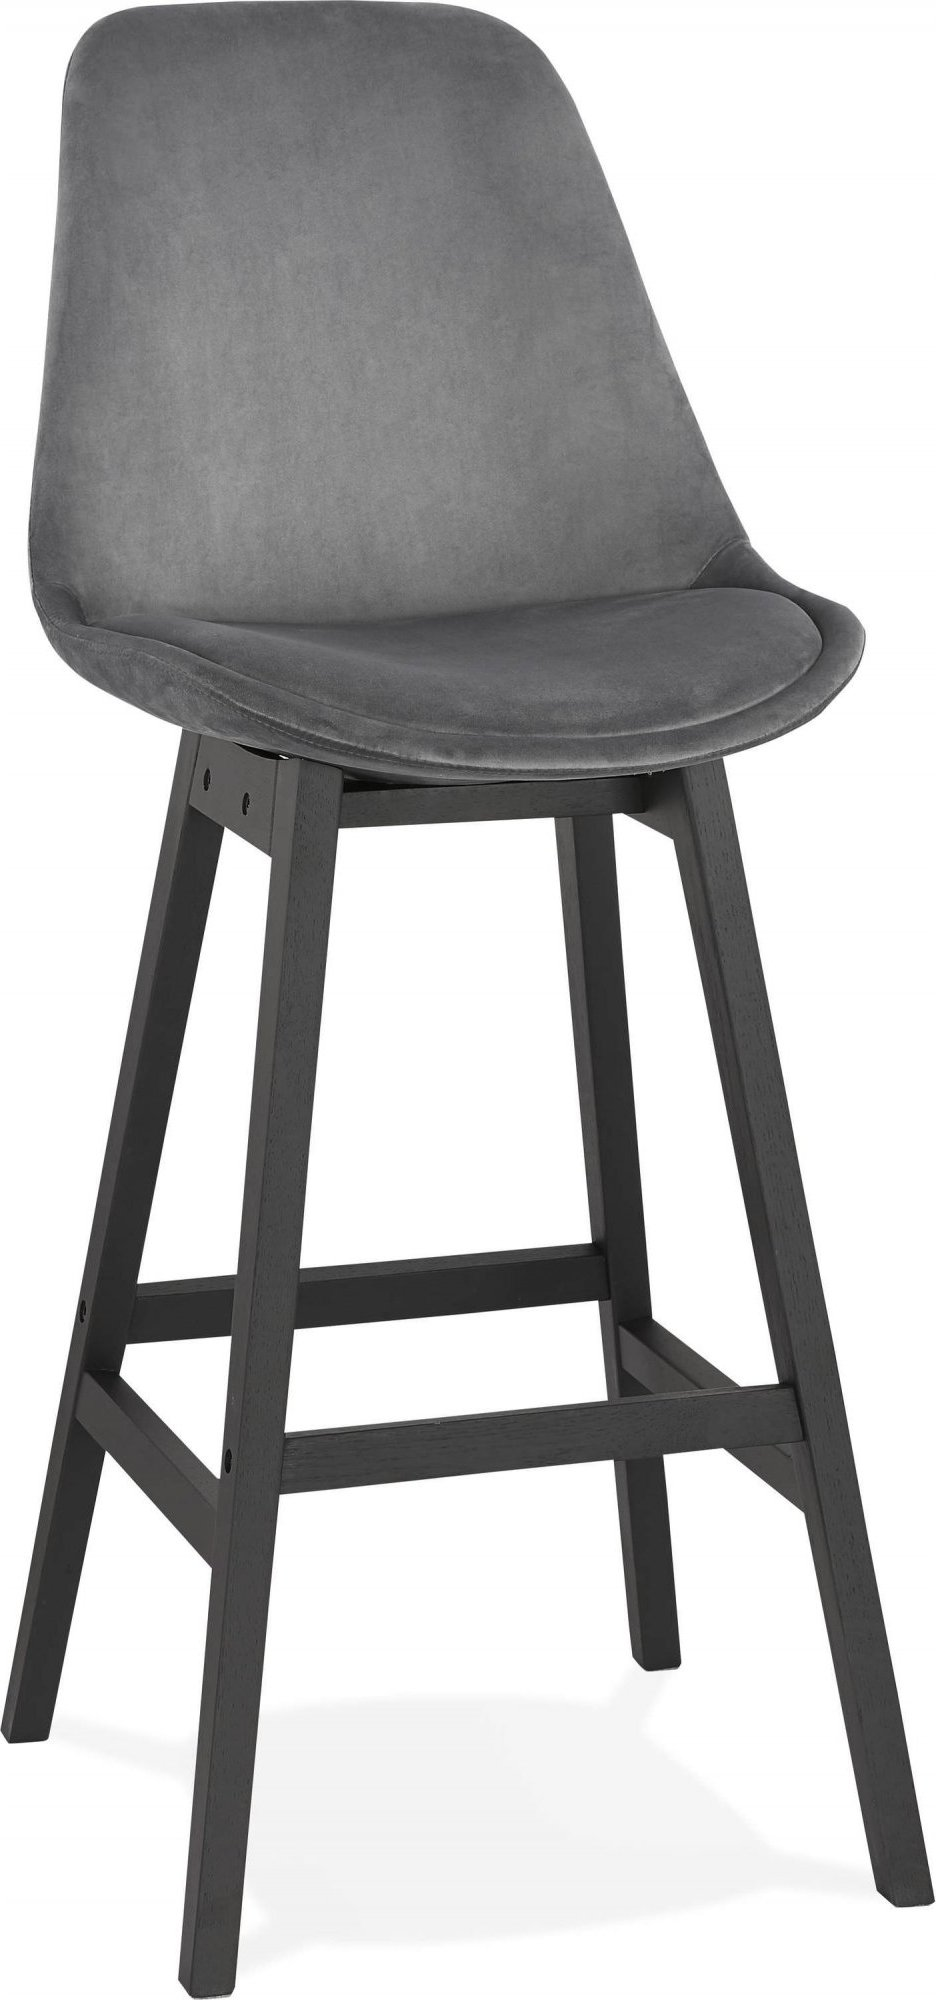 Tabouret de bar en velour gris et bois noir h113cm